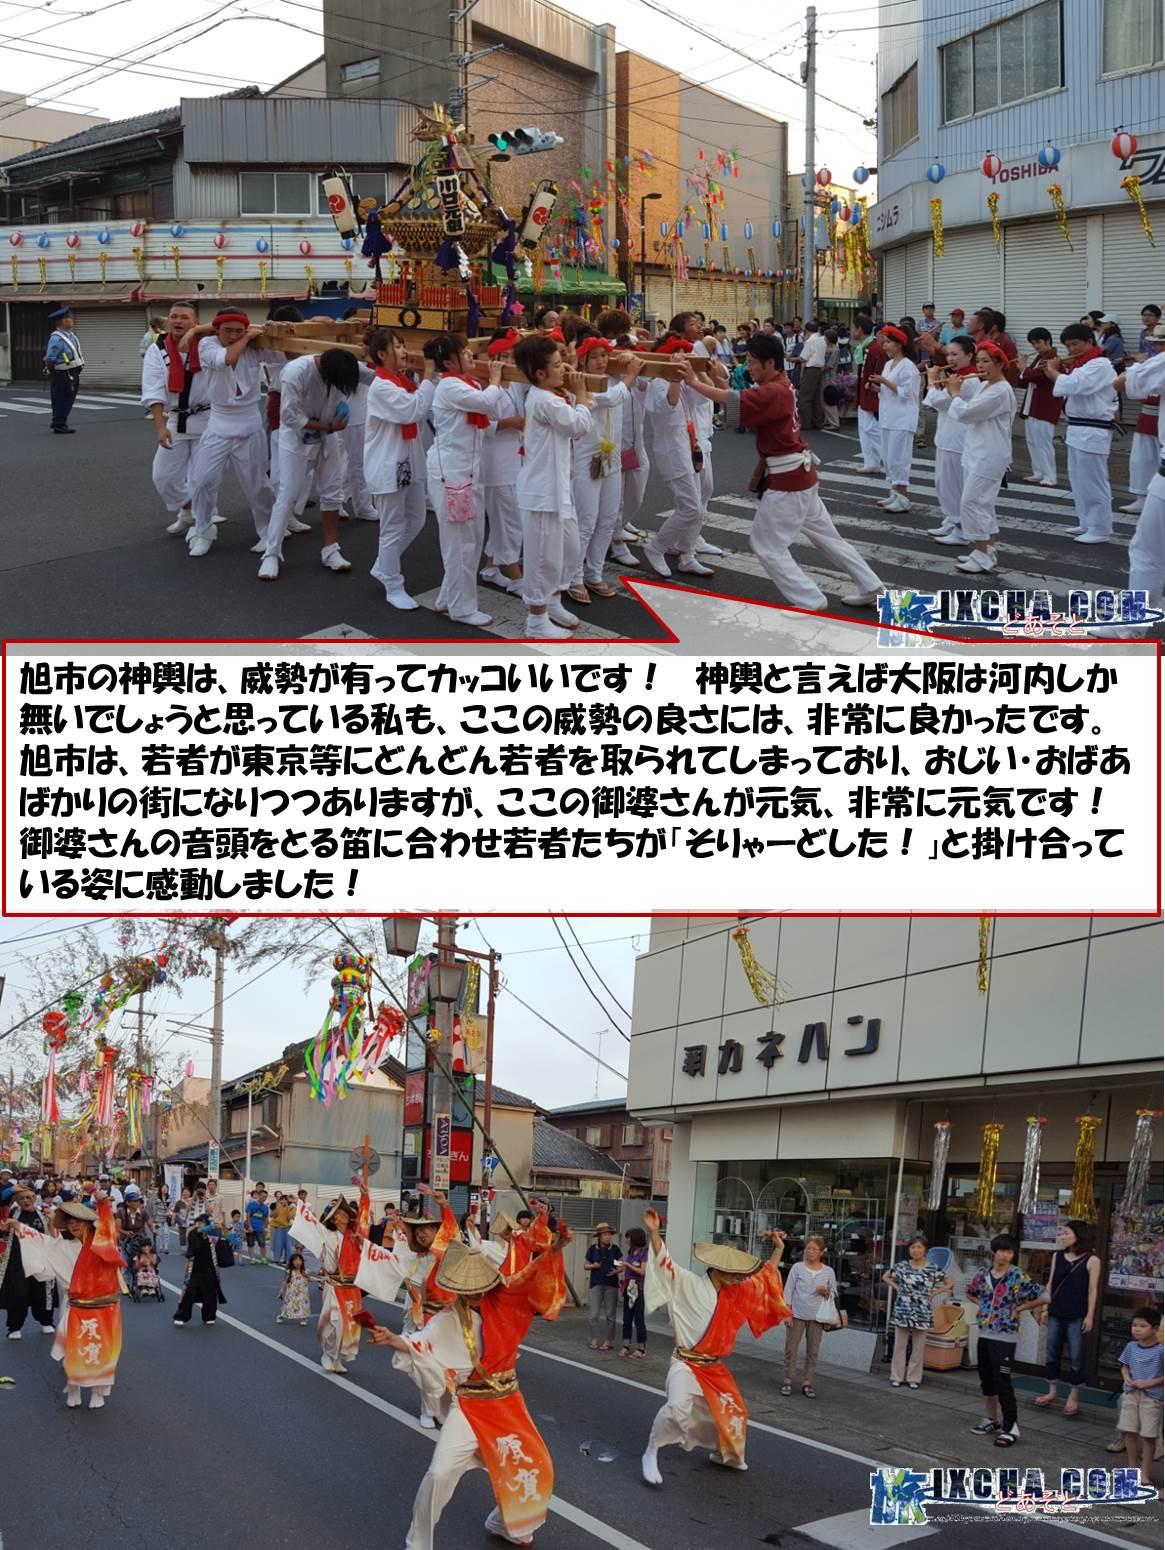 旭市の神輿は、威勢が有ってカッコいいです! 神輿と言えば大阪は河内しか無いでしょうと思っている私も、ここの威勢の良さには、非常に良かったです。 旭市は、若者が東京等にどんどん若者を取られてしまっており、おじい・おばあばかりの街になりつつありますが、ここの御婆さんが元気、非常に元気です! 御婆さんの音頭をとる笛に合わせ若者たちが「そりゃーどした!」と掛け合っている姿に感動しました!